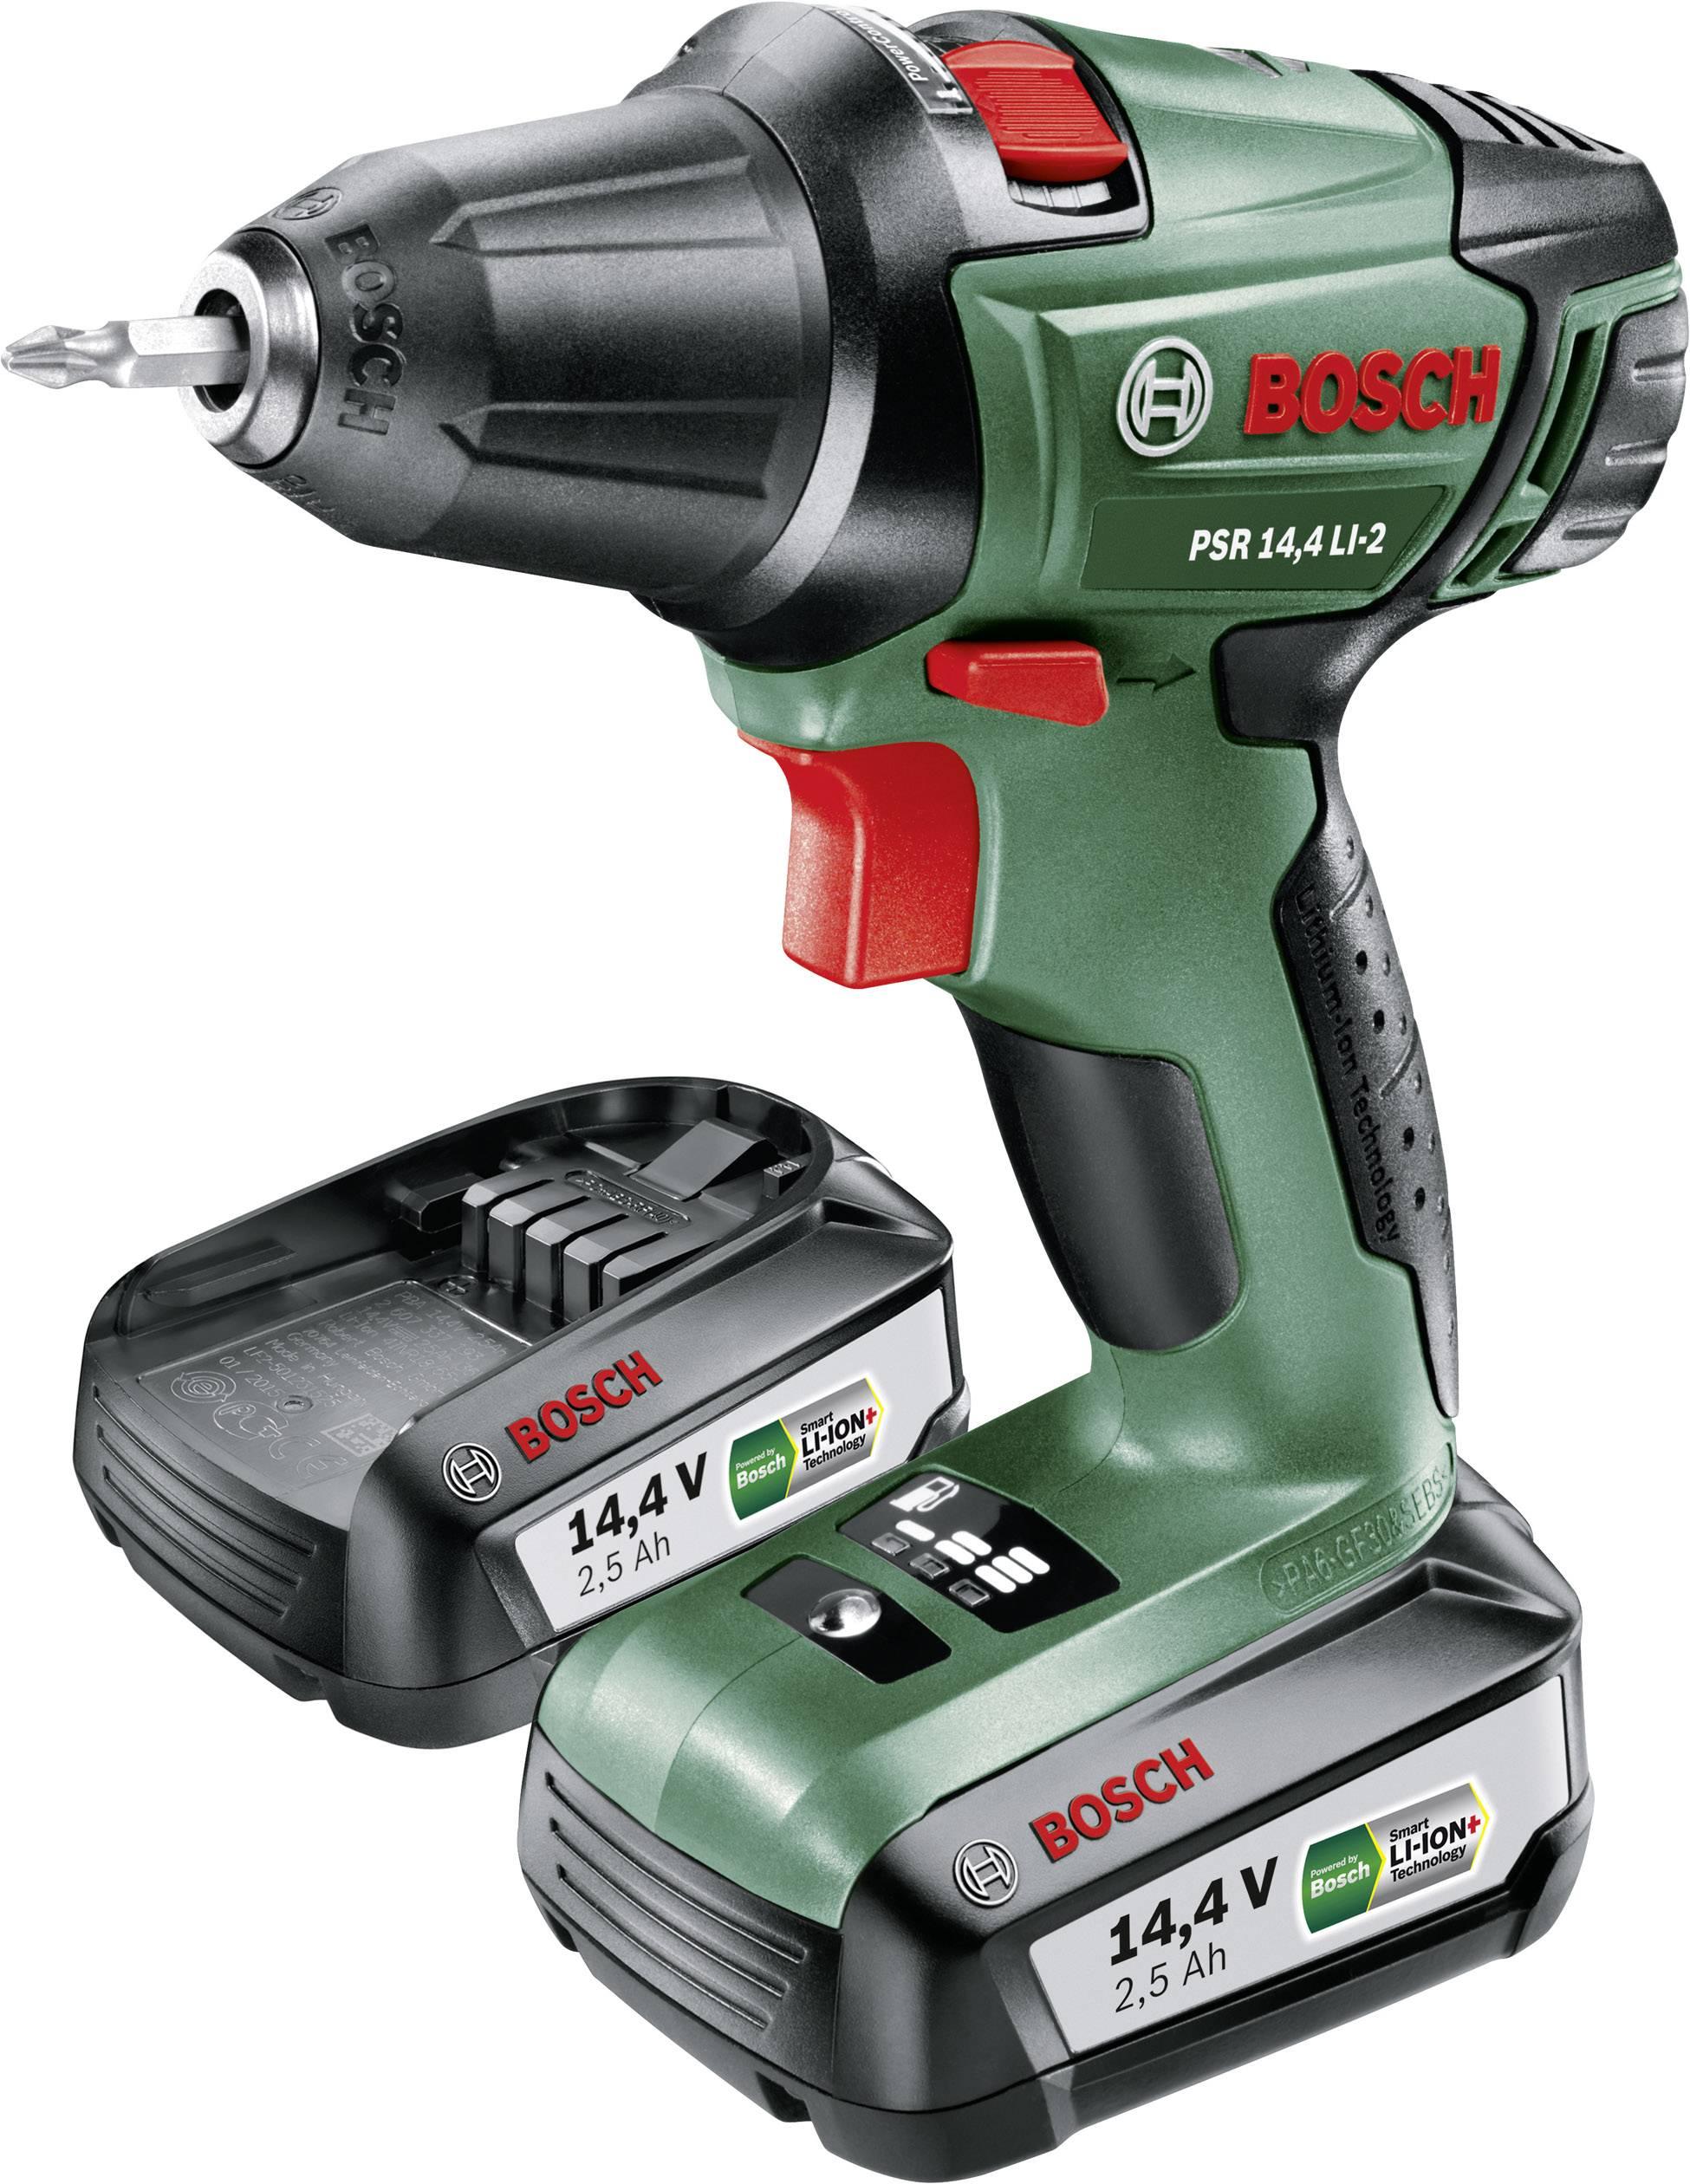 Bosch Home and Garden PSR 14,4 LI 2 Akku Bohrschrauber 14.4 V 2.5 Ah Li Ion inkl. 2. Akku, inkl. Koffer